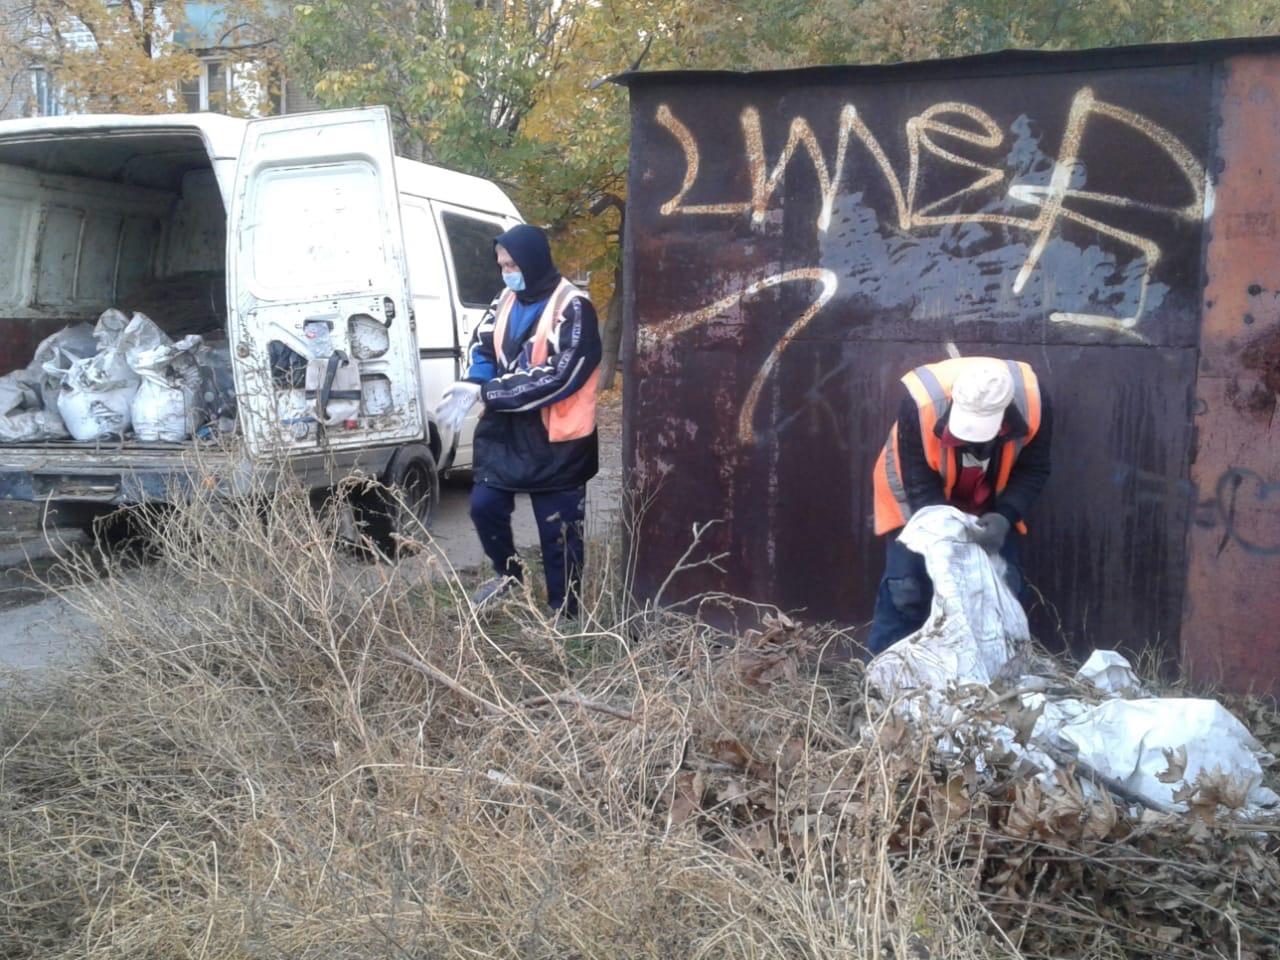 МКУ «Благоустройство»: В Таганроге продолжаются мероприятия по уборке городской территории